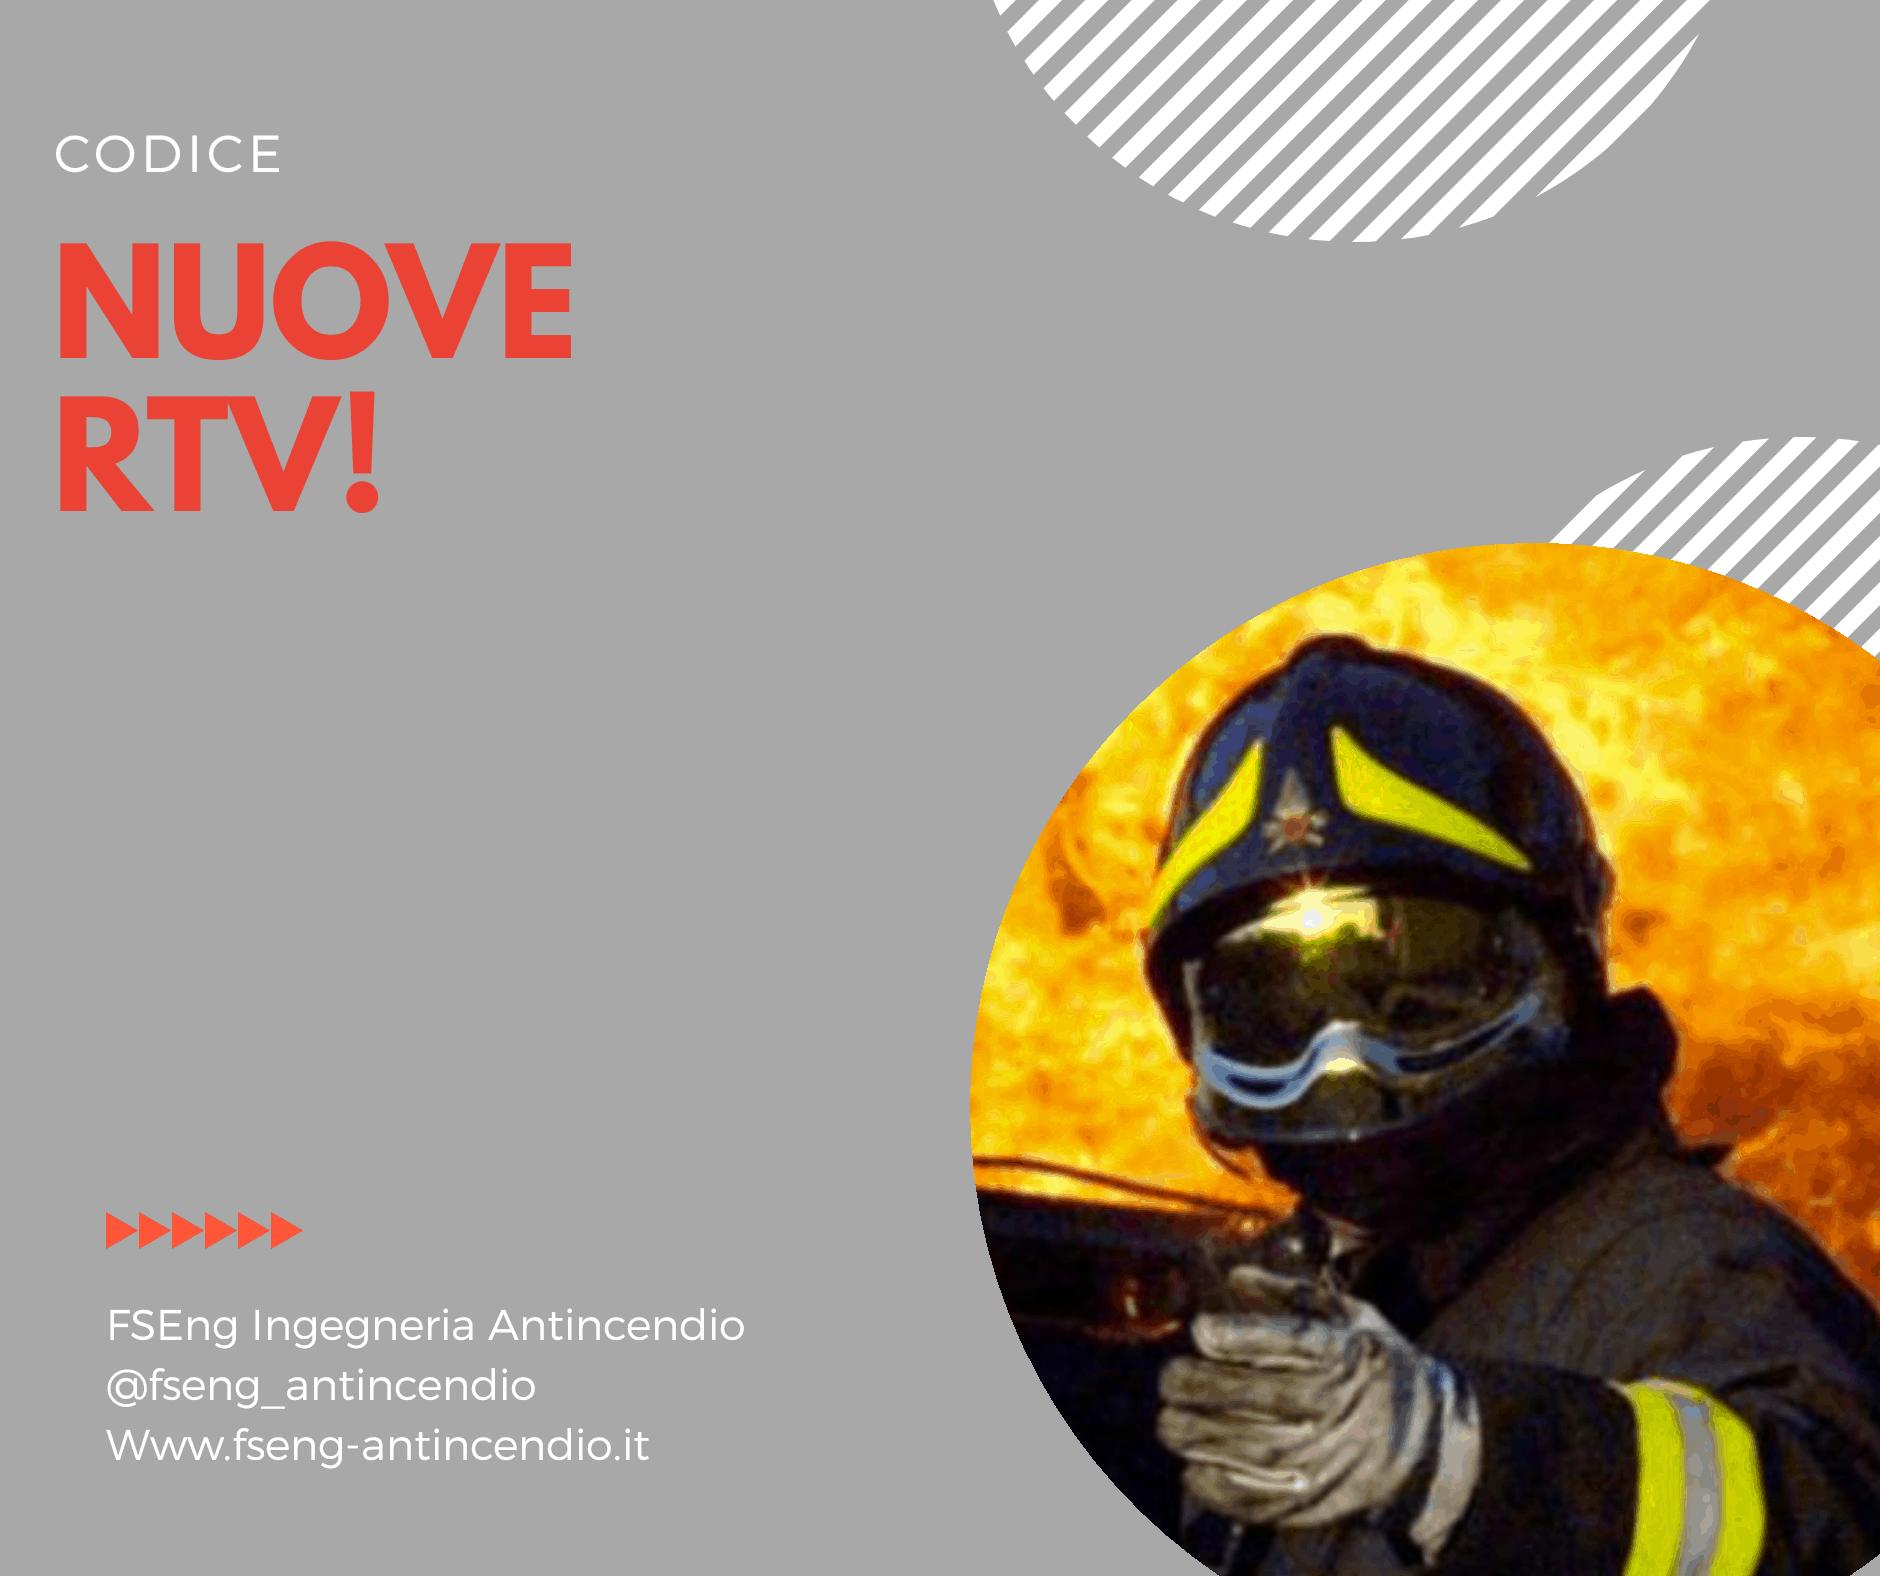 Aggiornamento delle RTV in vigore - Nuovo D.M. 14.02.2020